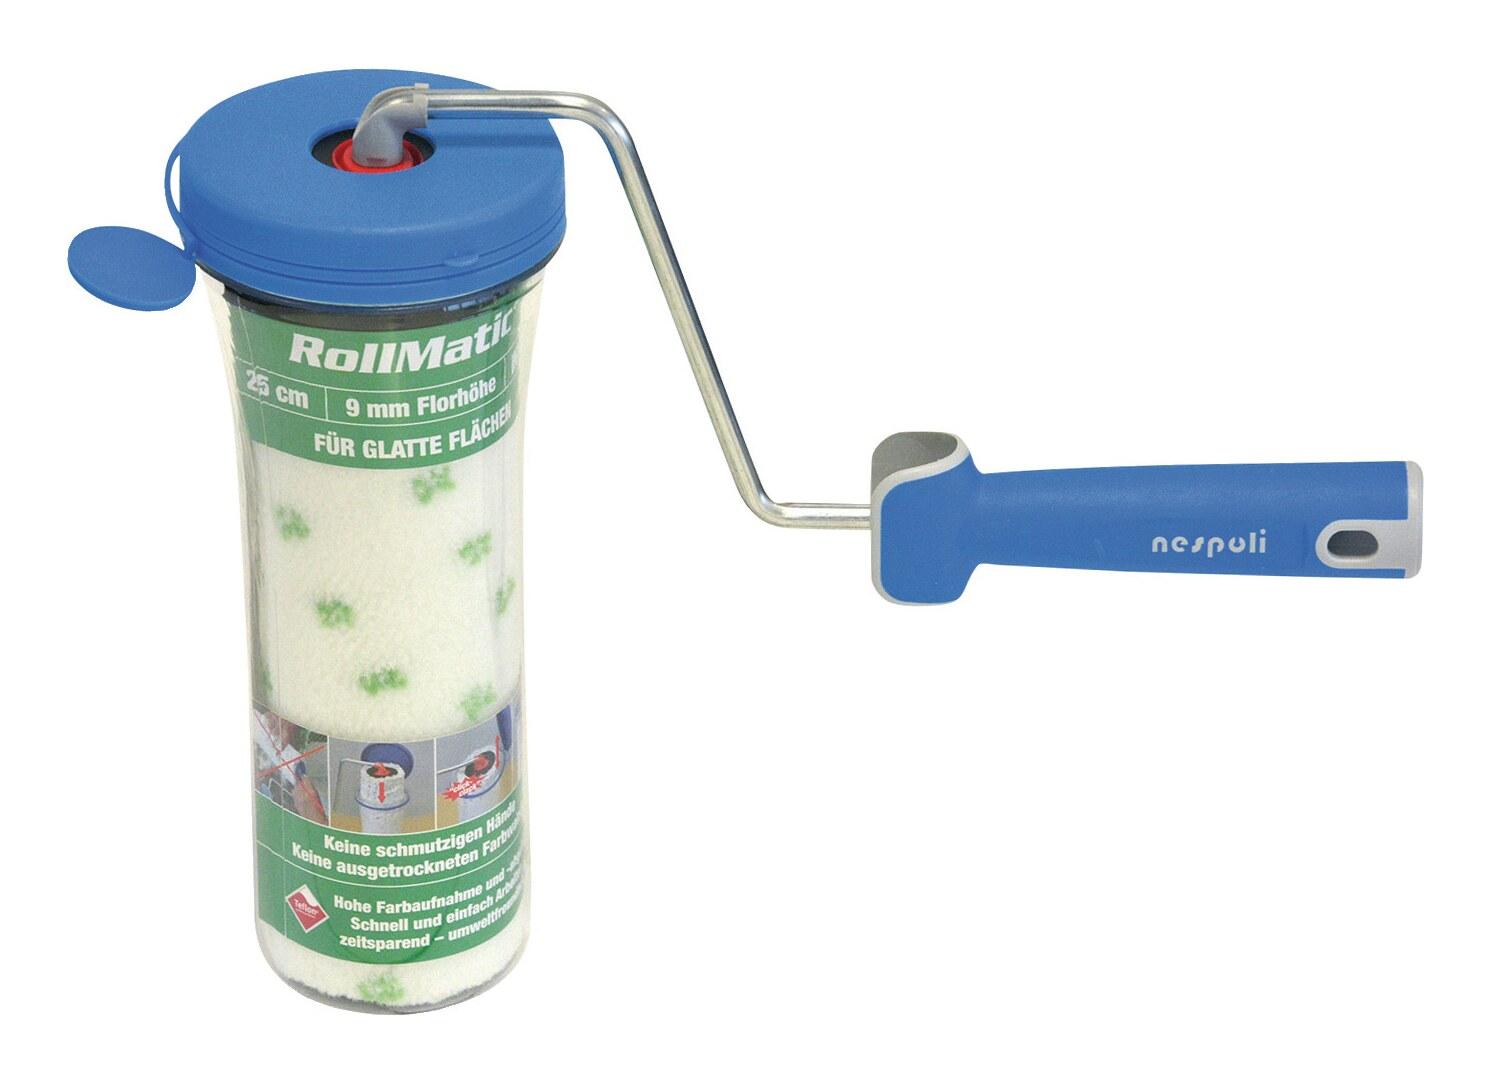 Farbwalze /- Bügel Rollmatic 25cm FH9mm - 525584225 800